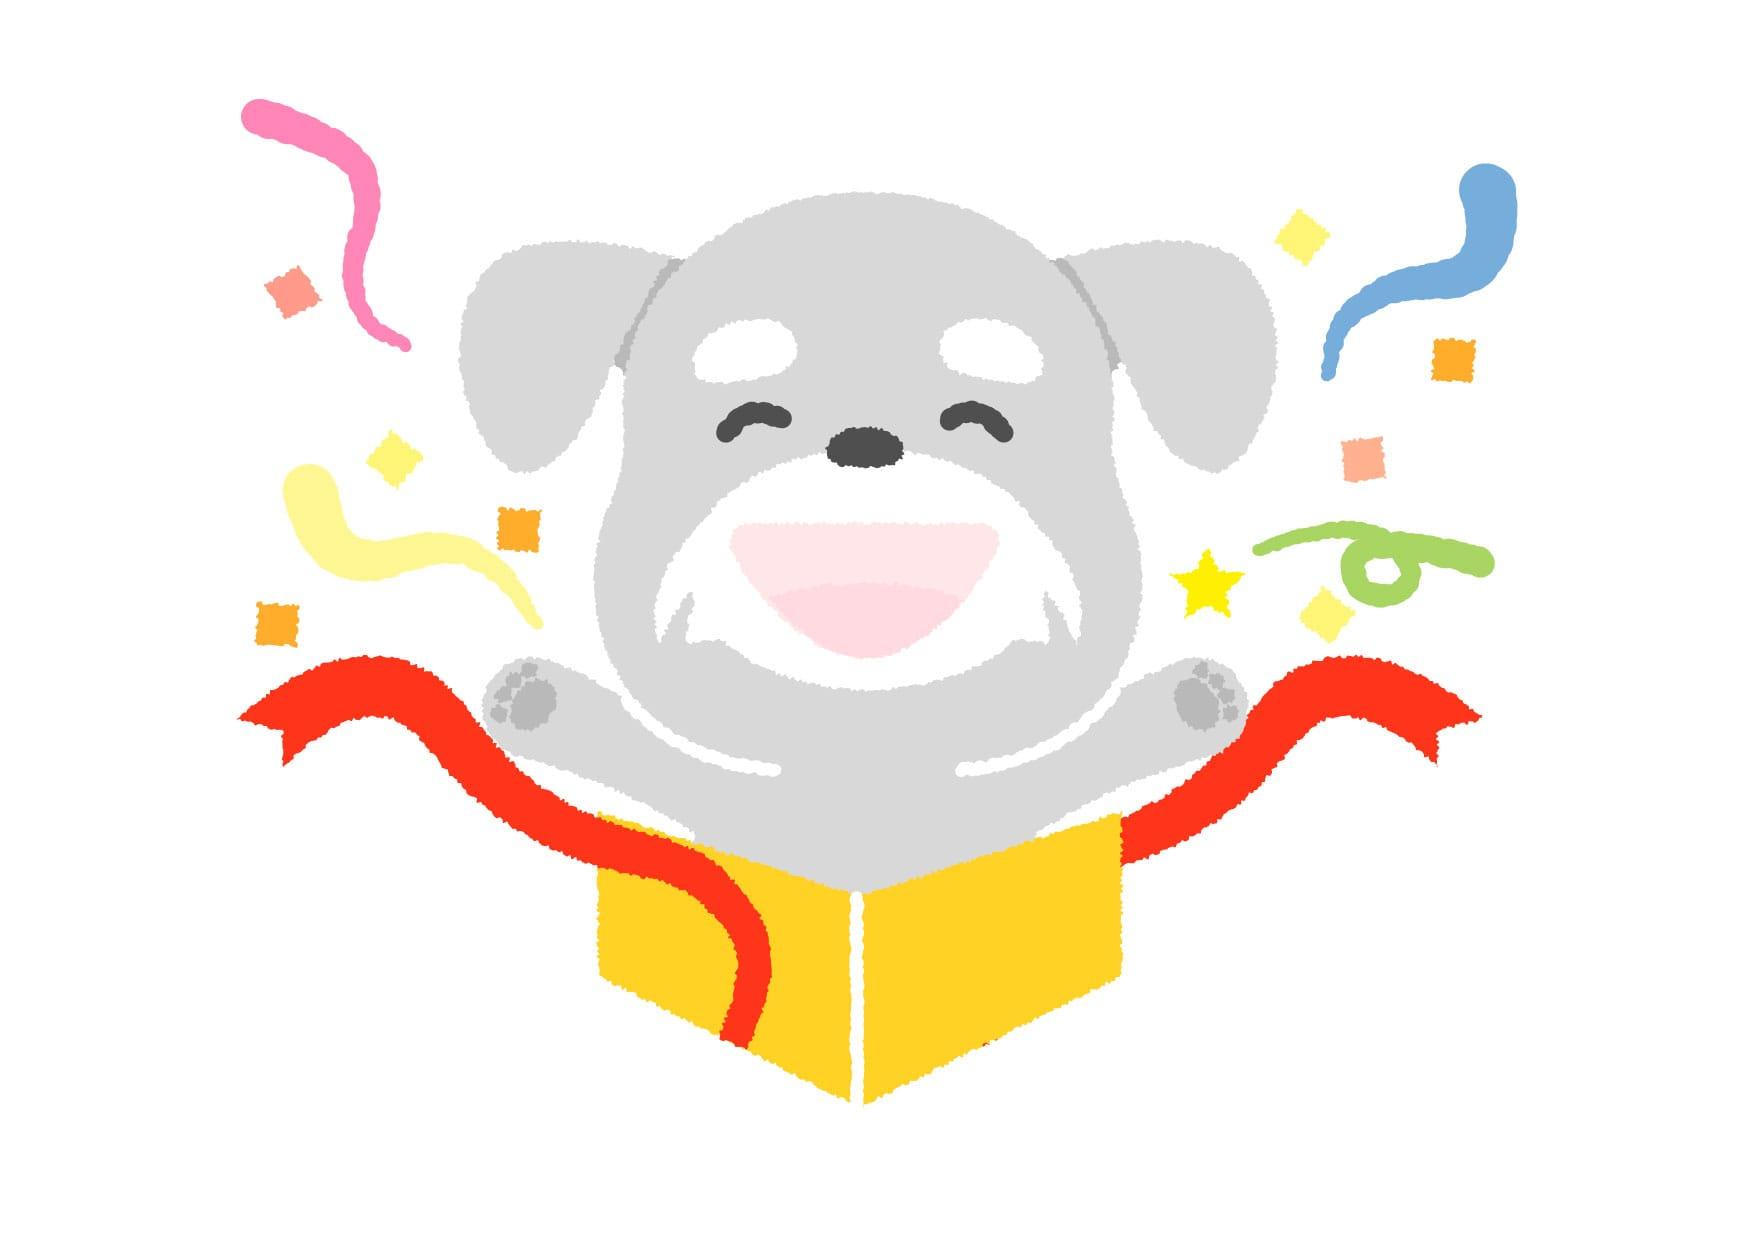 犬 プレゼント イラスト 無料